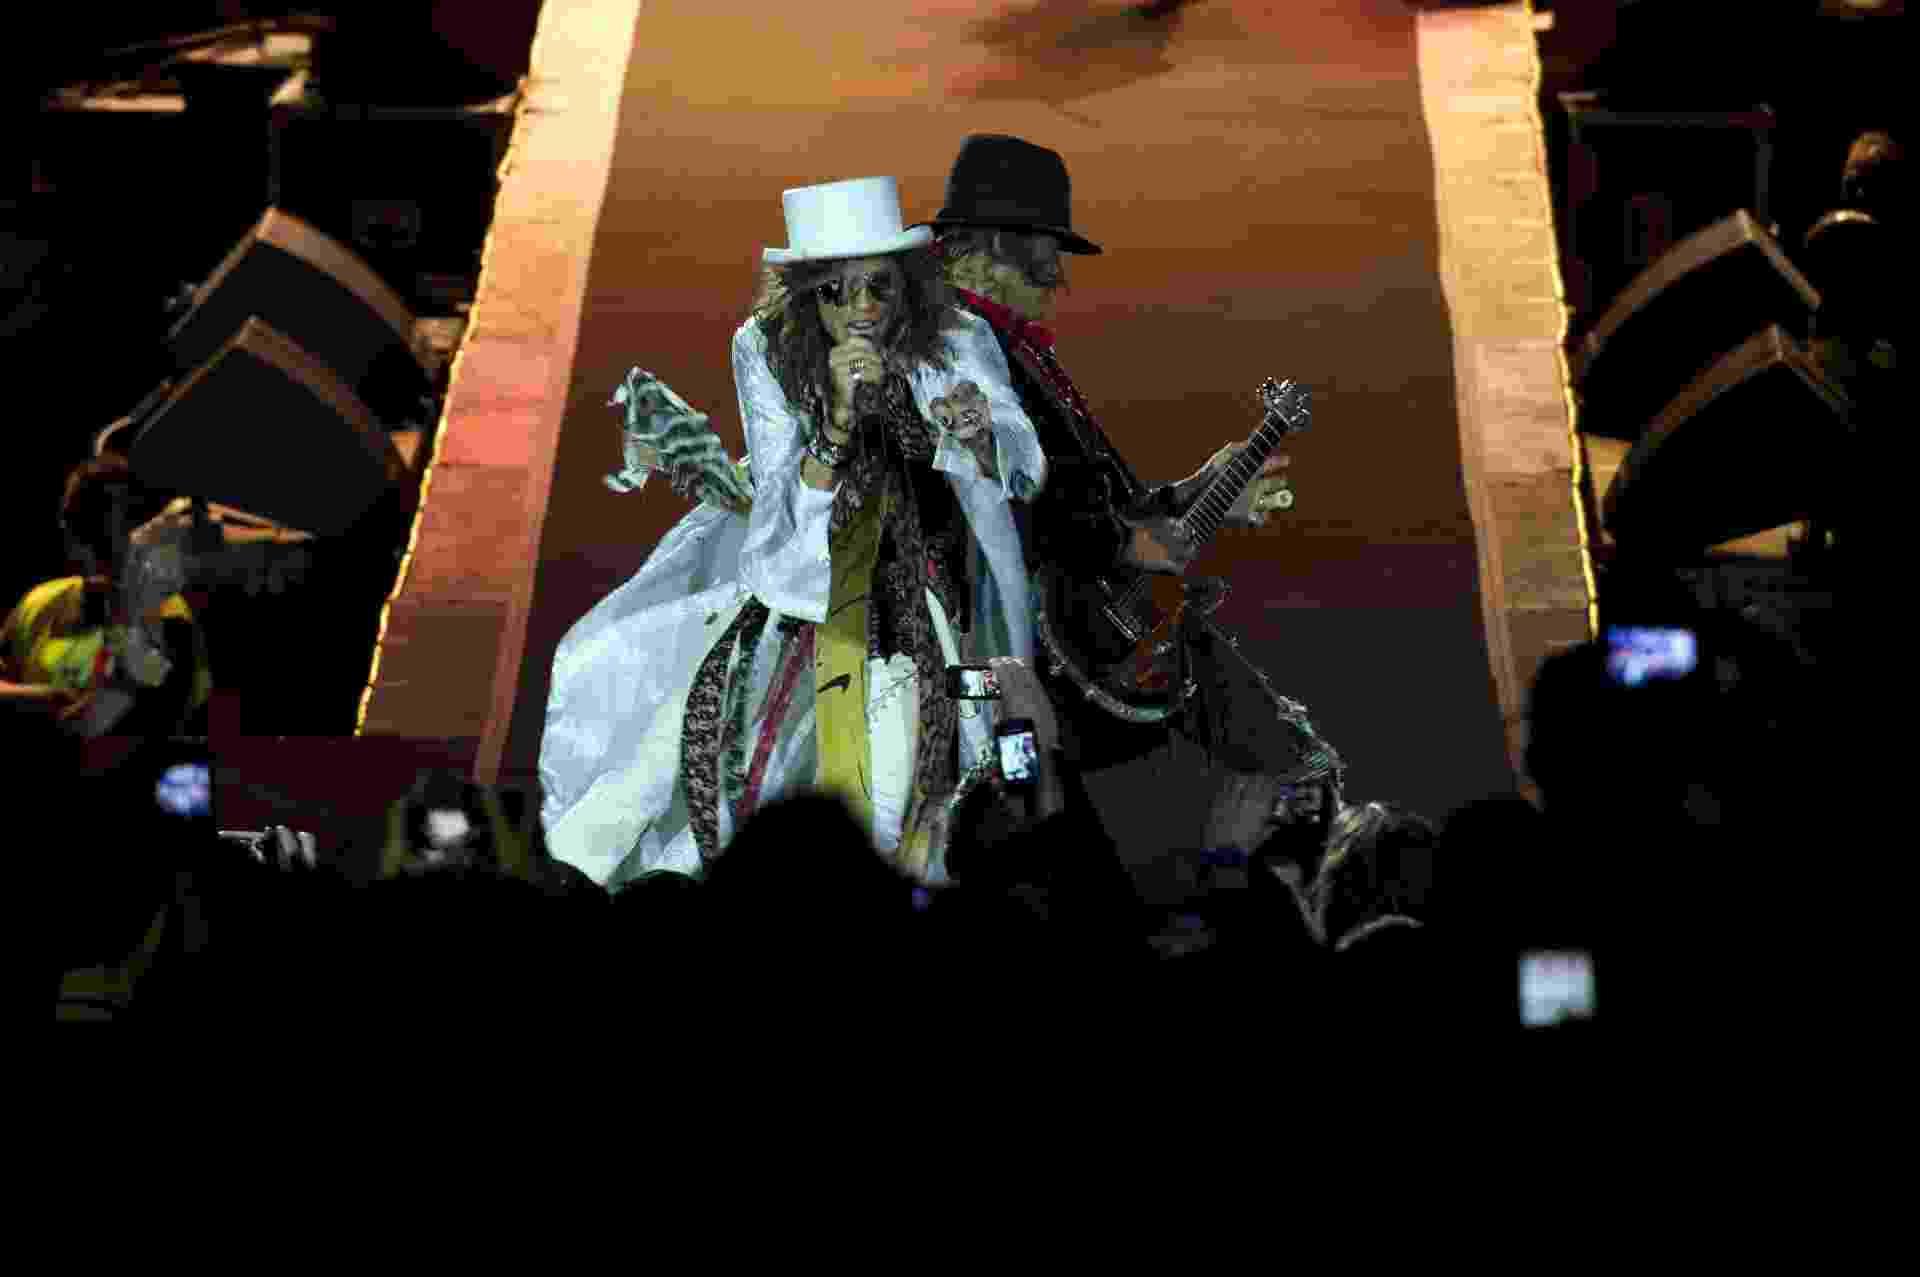 9.out.2013 - Aerosmith faz show em Montevidéu, no Uruguai. Depois de se encontrar com José Mujica e presenteá-lo com uma guitarra autografada, a banda teve a presença do presidente na plateia do show no estádio  Centenário - Pablo Porciuncula/AFP